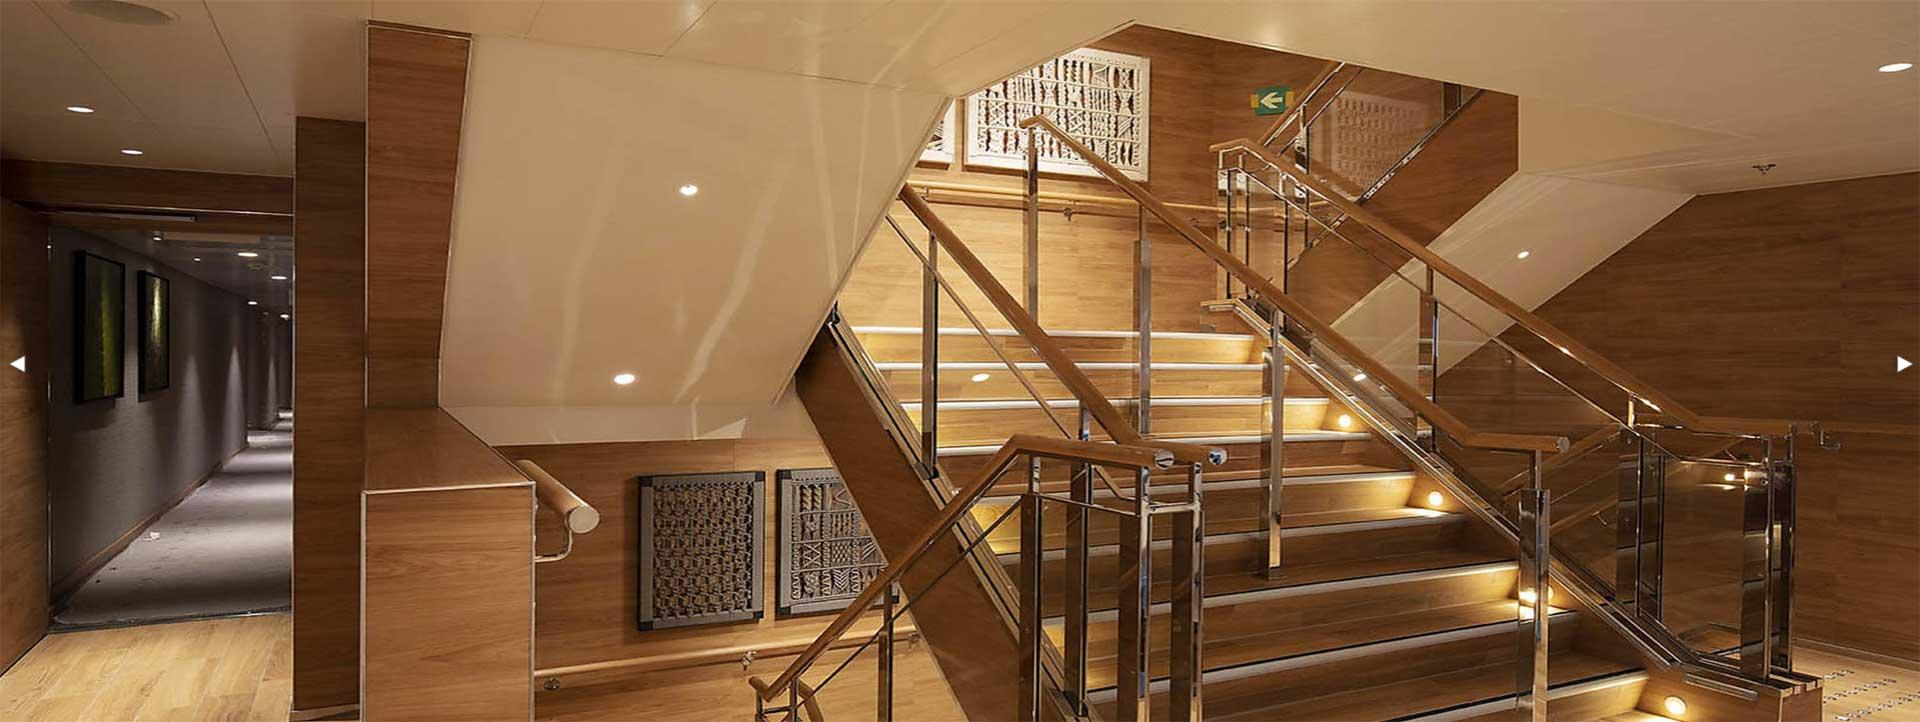 LE-BELLOT-deck-plans-slider-inside-ship